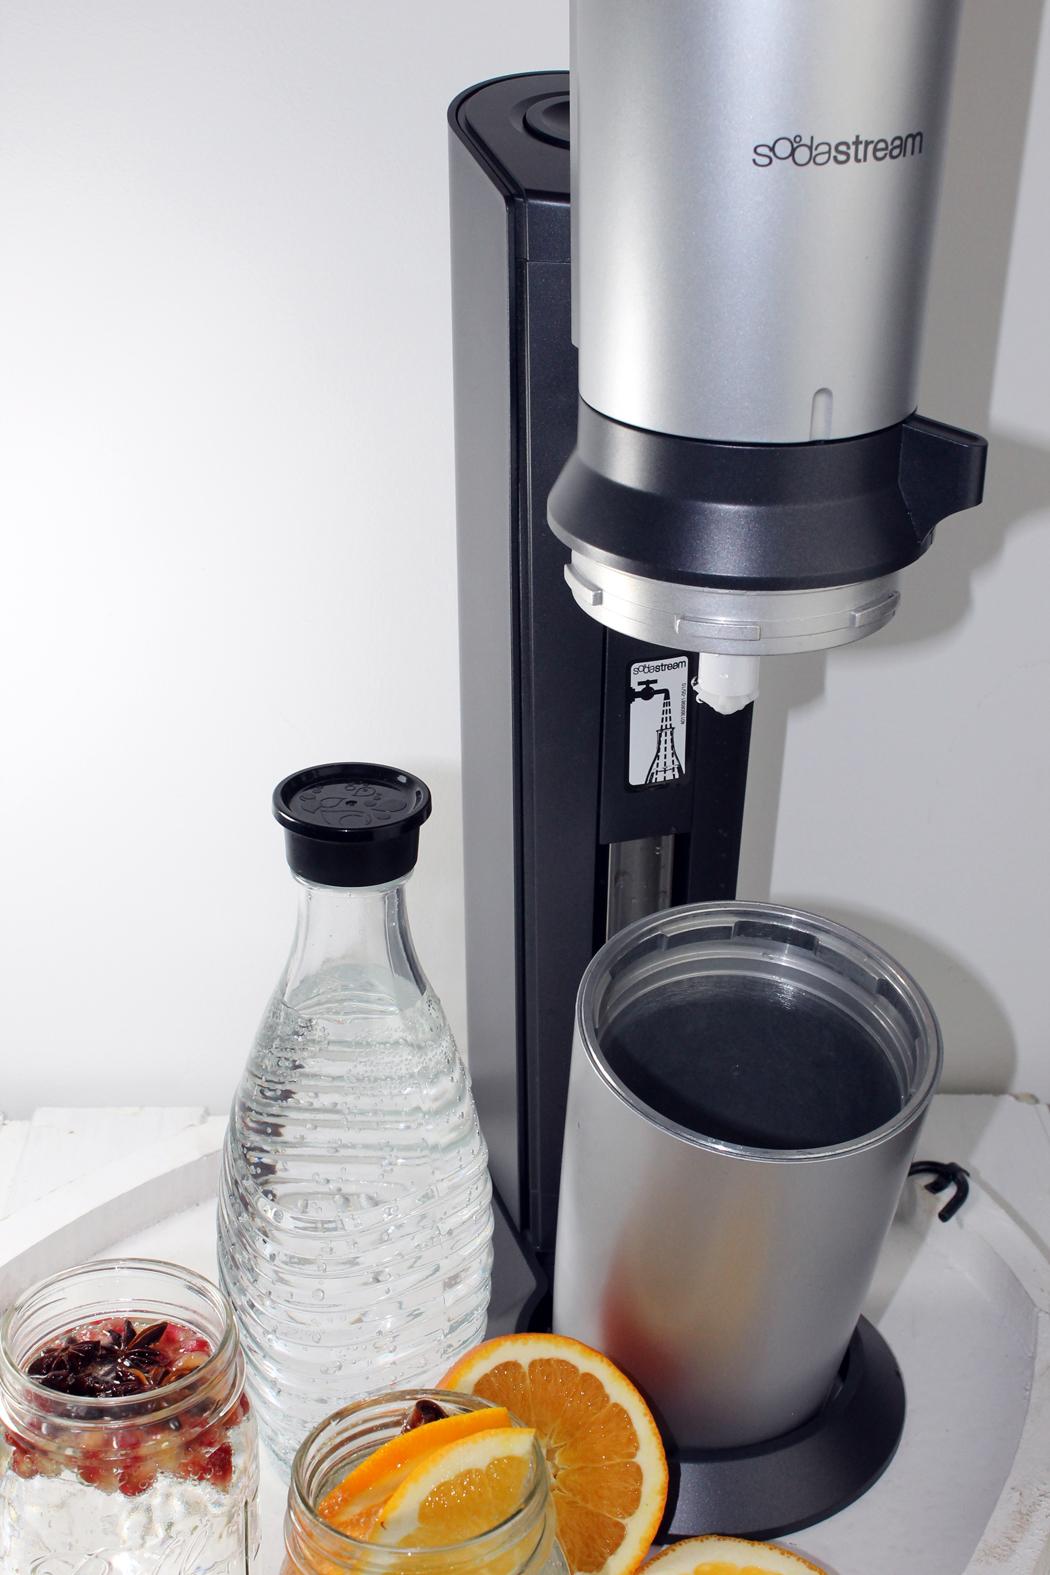 mehr wasser trinken im winter mit sodastream 2 advents gewinnspiel werbung projekt. Black Bedroom Furniture Sets. Home Design Ideas